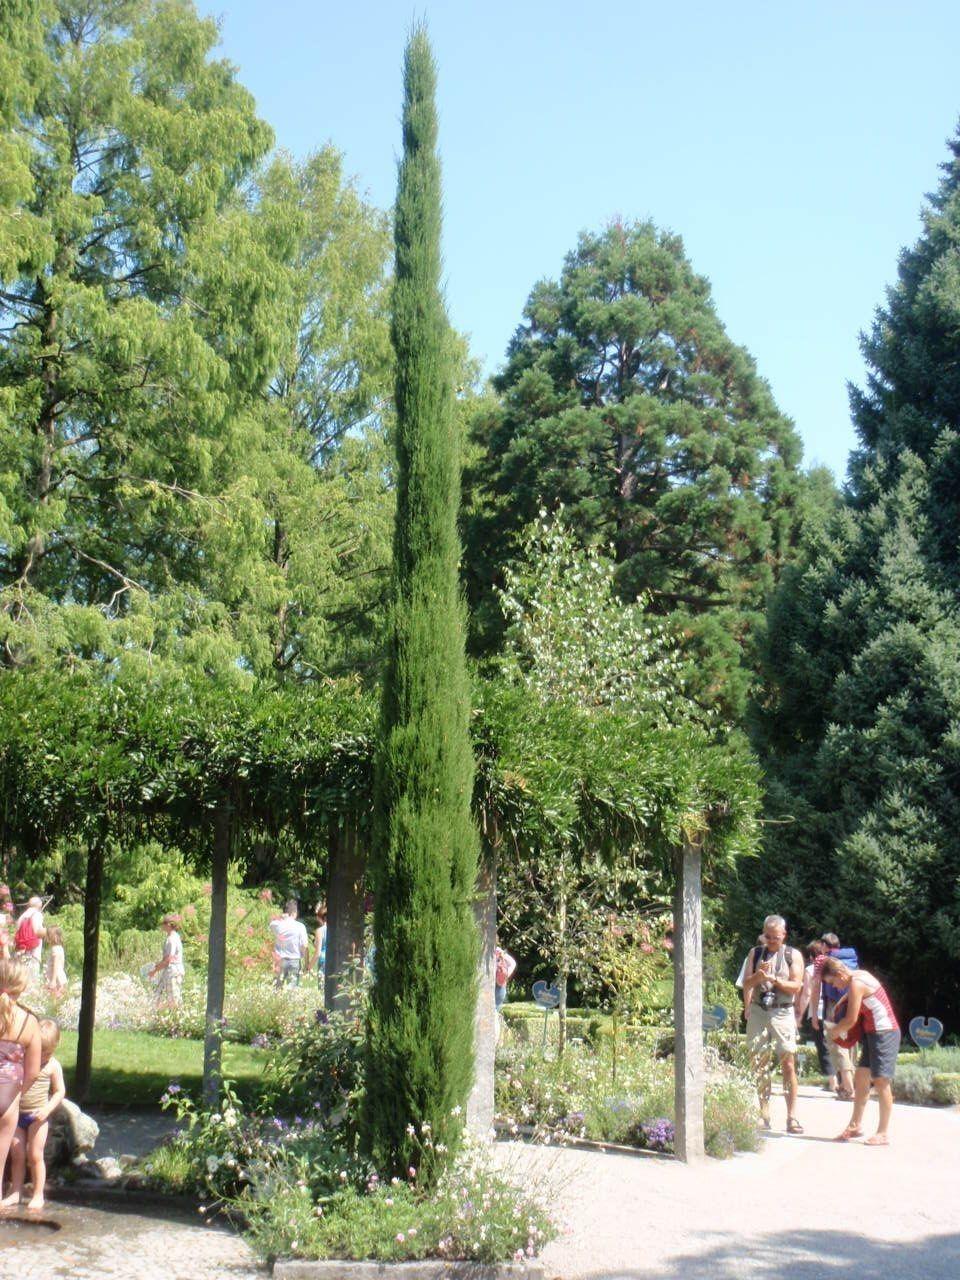 Wer Kennt Sie Nicht Diese Schlanken Zypressen Die Bilder Und Fotos Aus Italien Und Dem Mittelmeerraum Zieren Nbsp Toskana Zypresse Toskana Pflanzen Kaufen